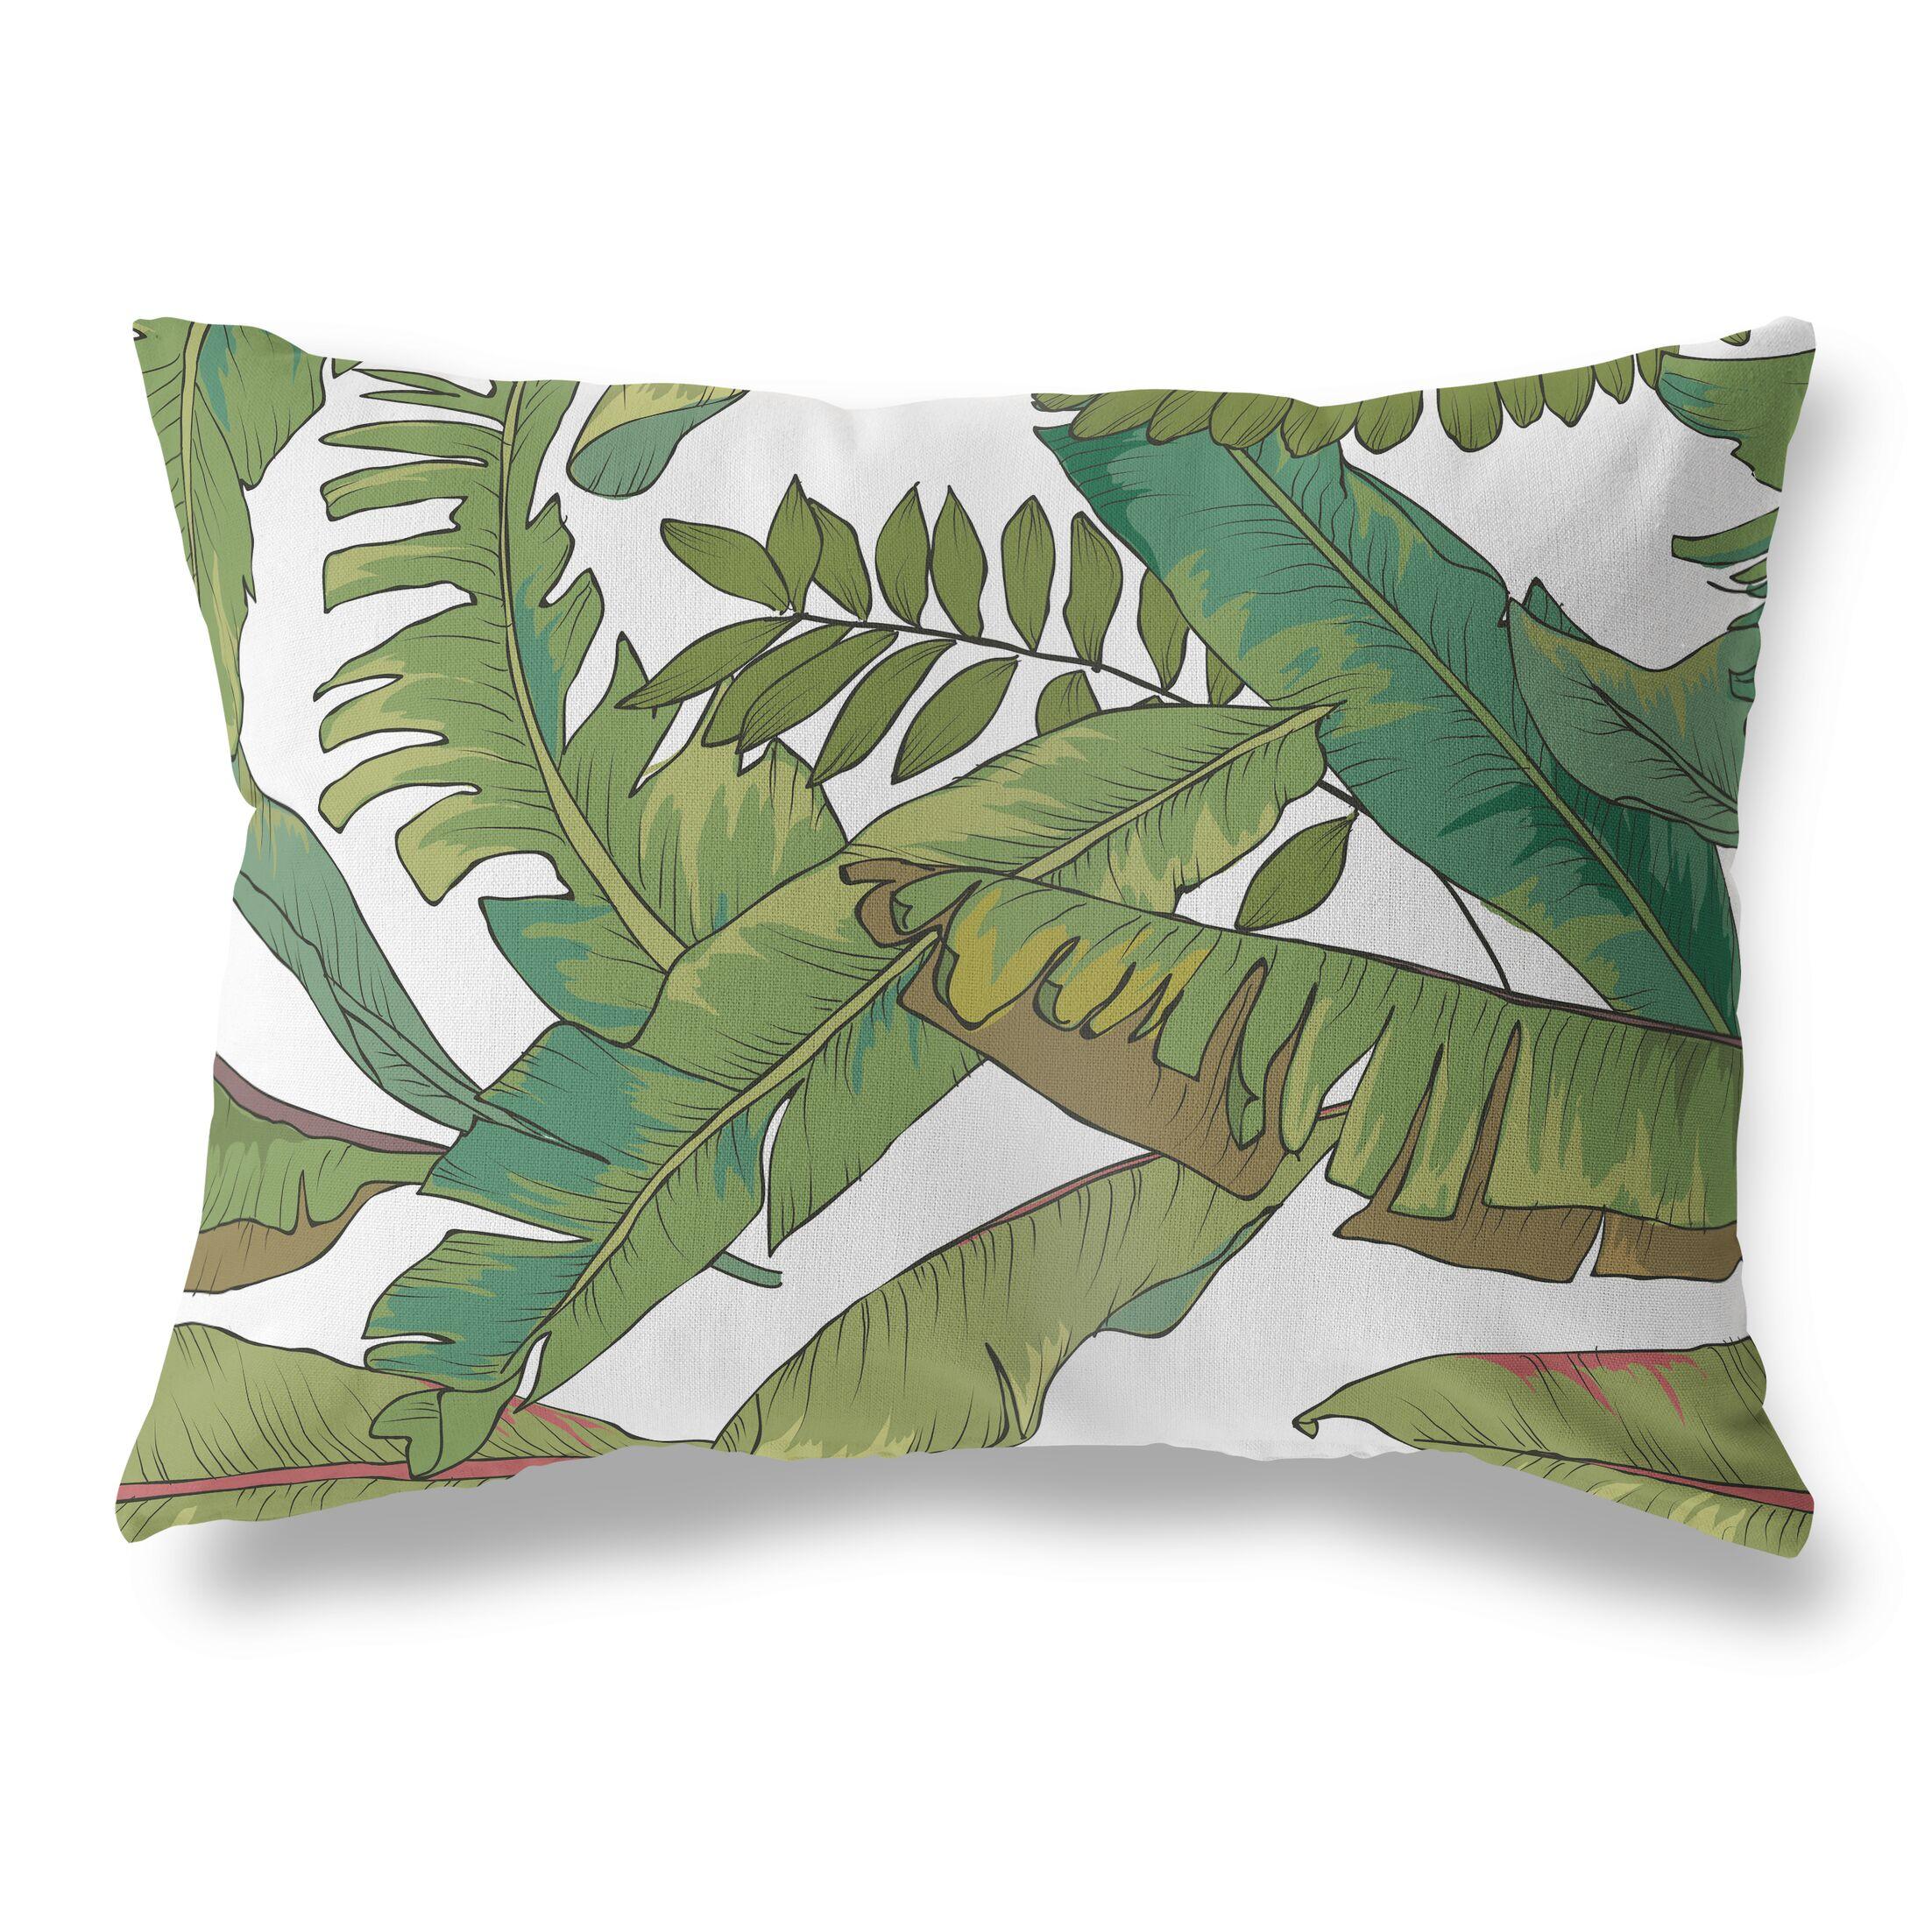 Sumner Lumbar Pillow Size: 18